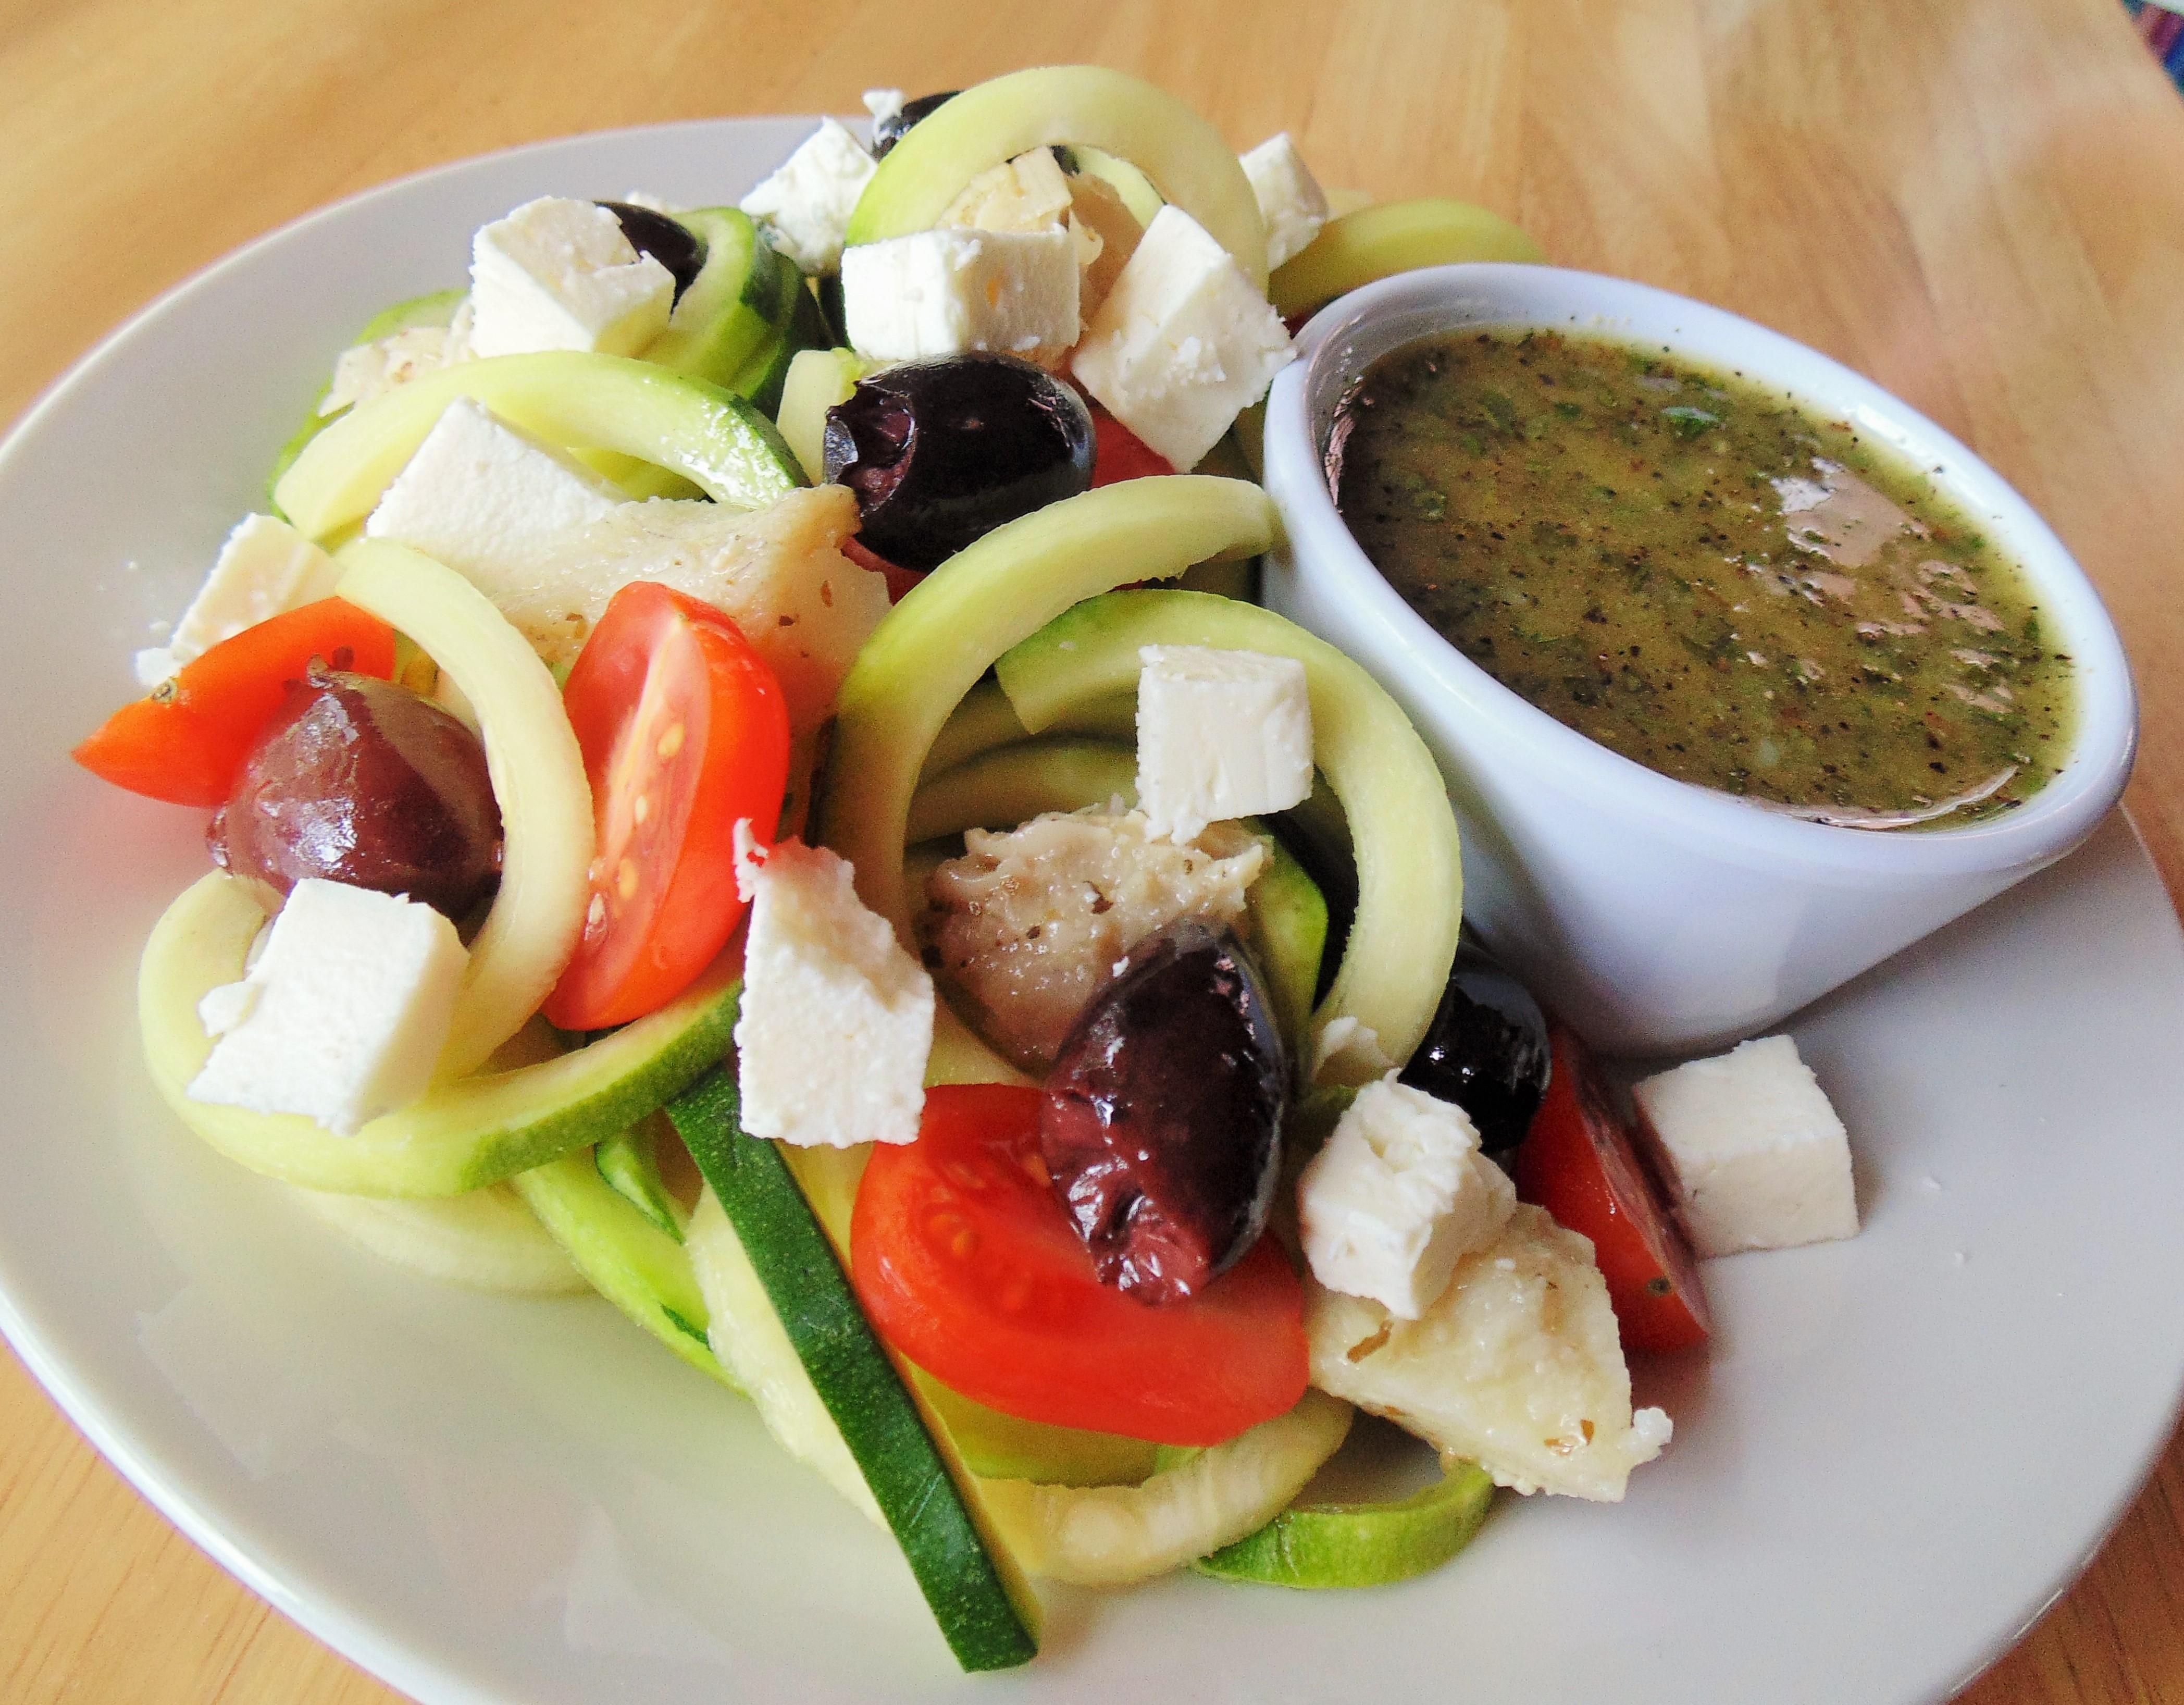 Mediterranean Zucchini 'Pasta' Salad